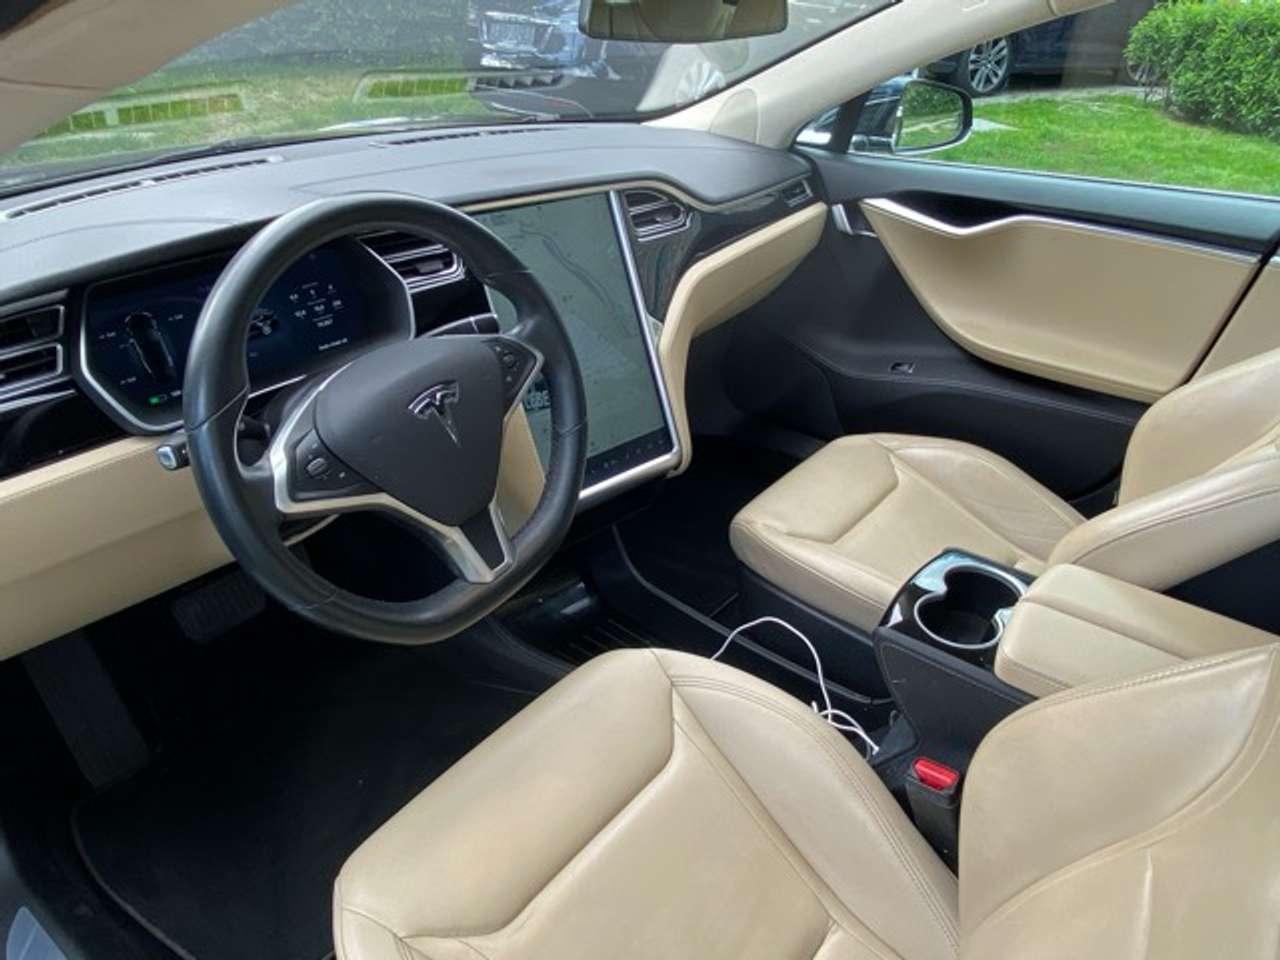 Tesla Model S 70D Dual Motor-Autopilot- Panorama- Next Gen Seats 12/15